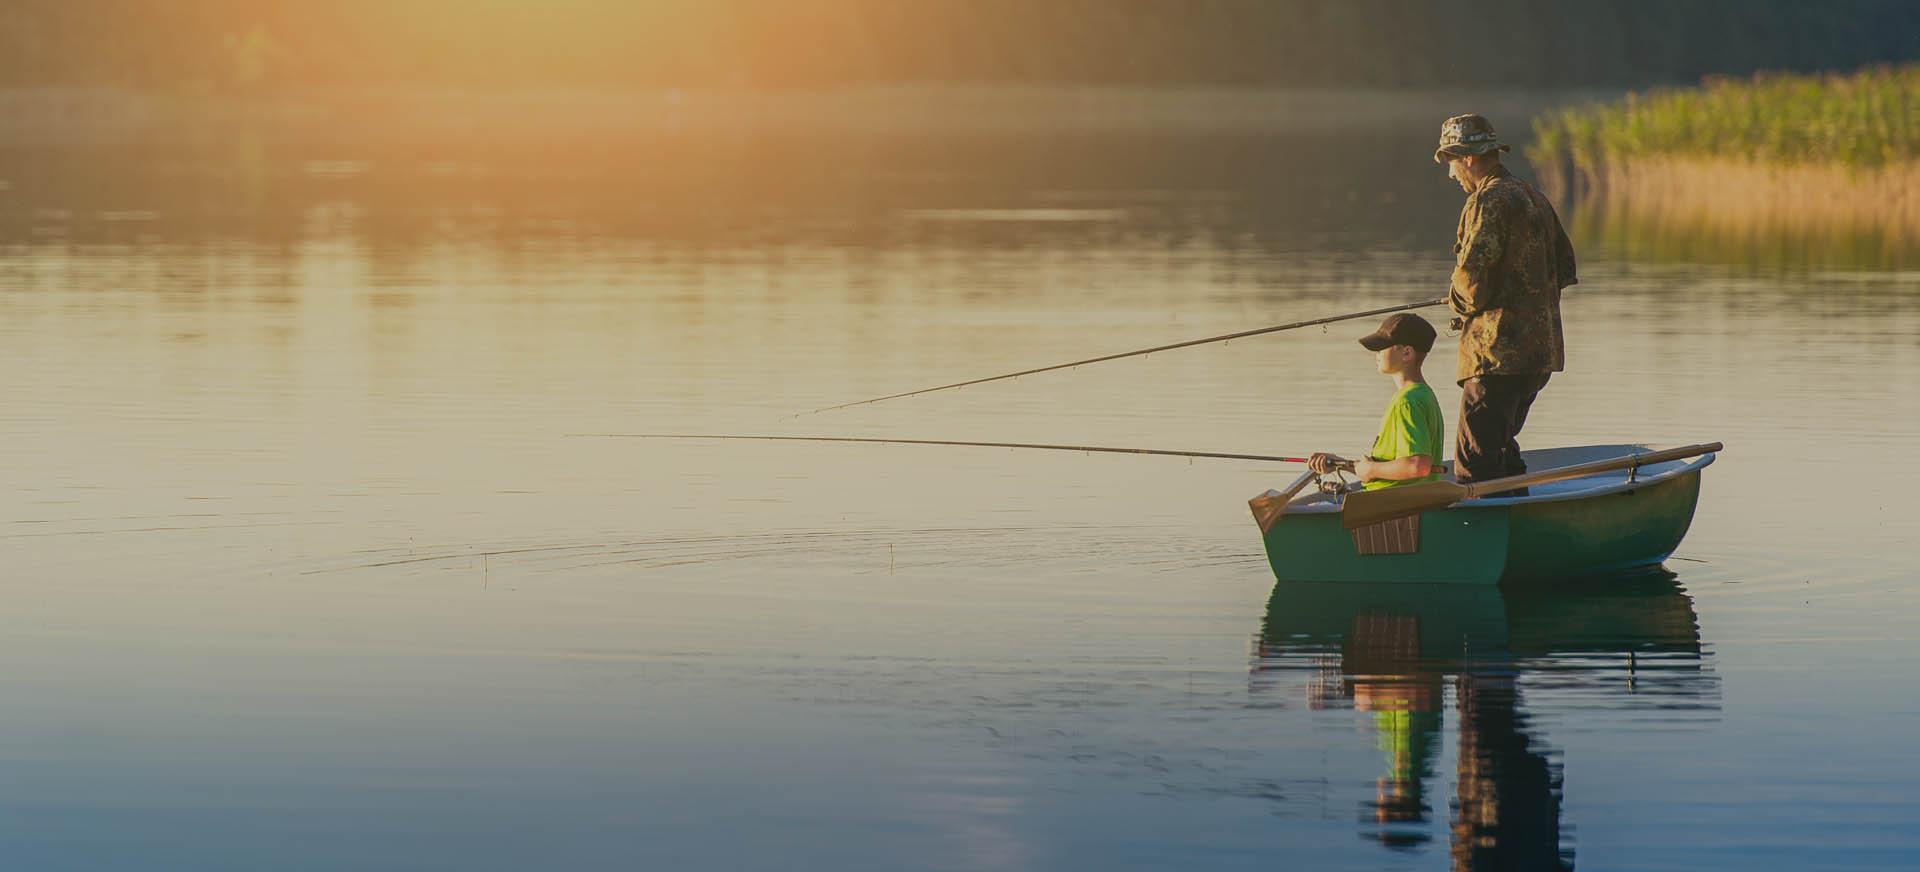 fishing in preston idaho